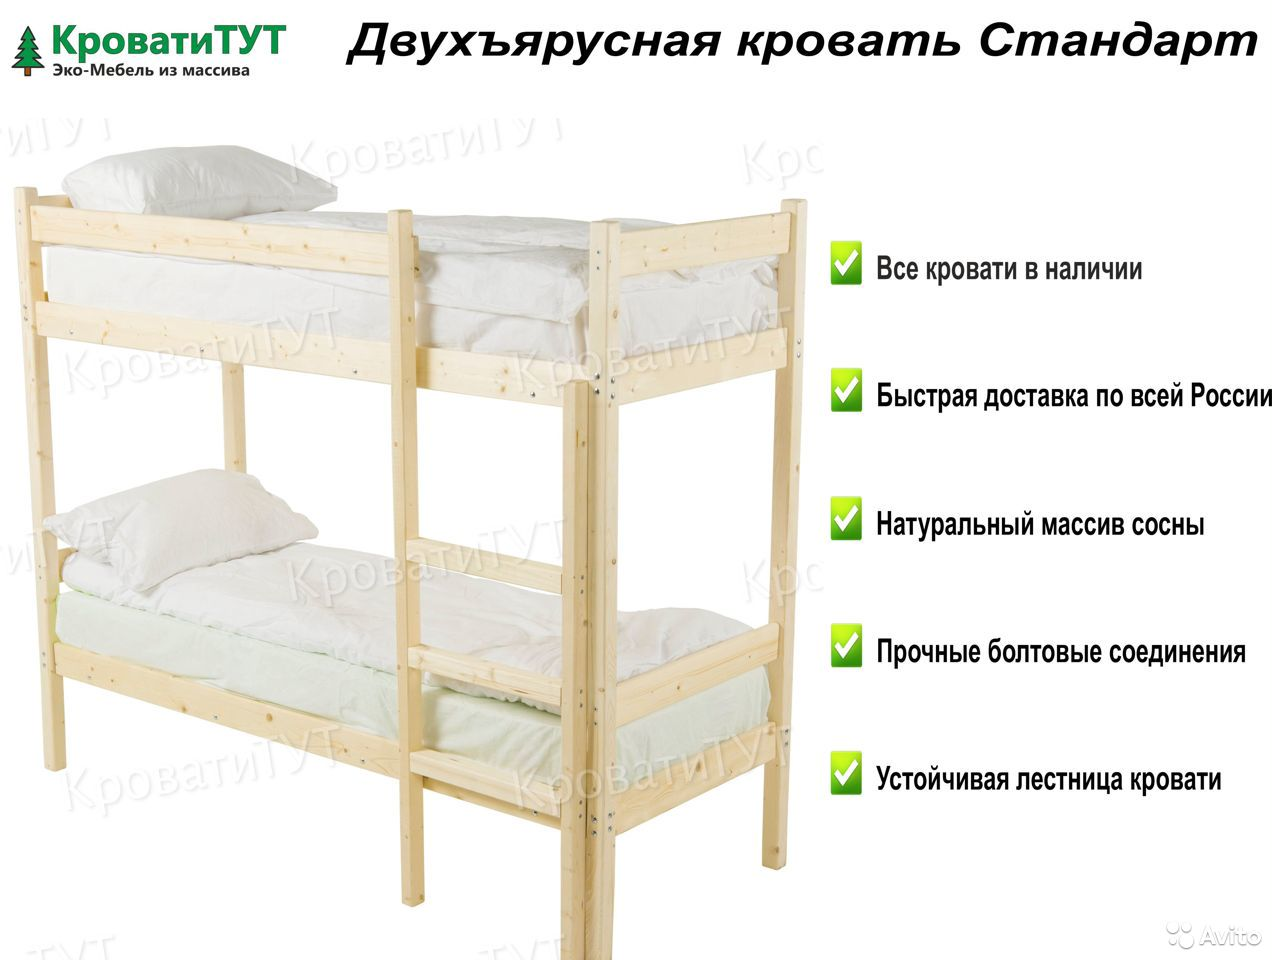 Кровать Двухъярусная Домик Чердак из массива сосны  89061701070 купить 6